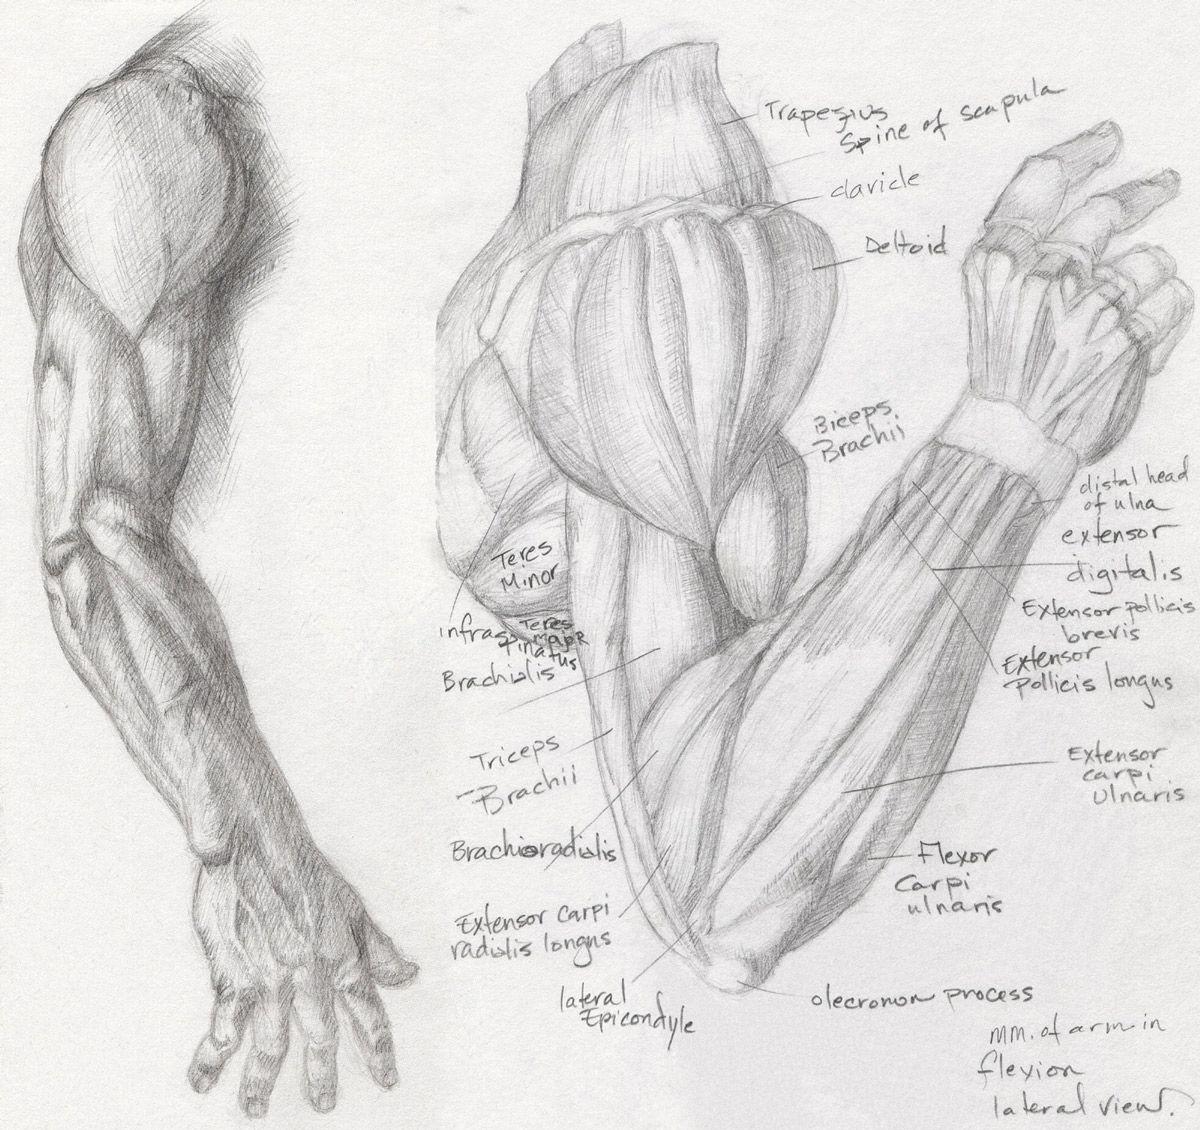 сайте картинки мышцы человека руками они предупреждают своём